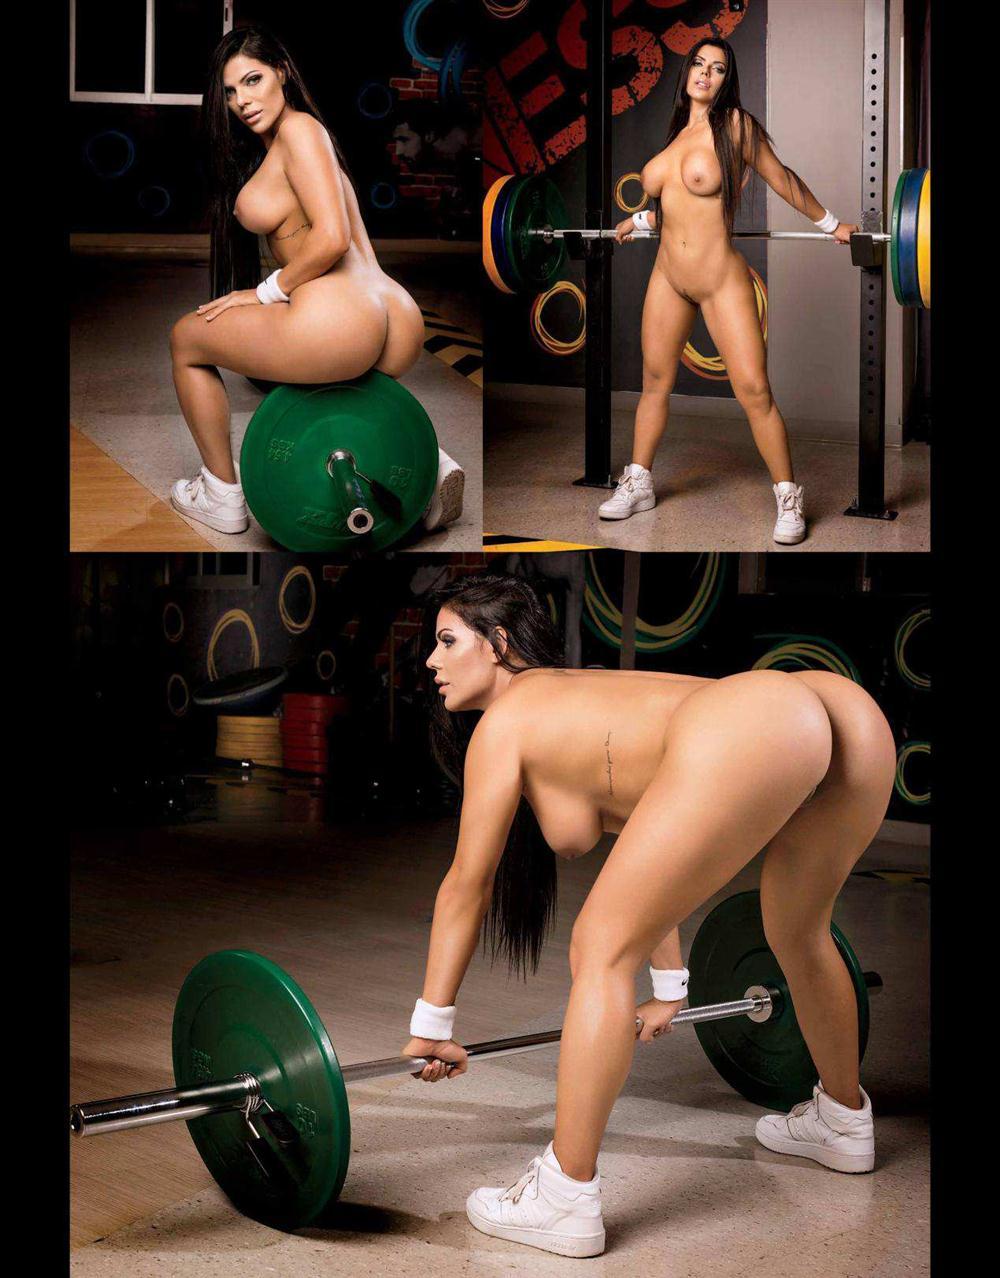 Suzy Cortez Playboy Mexico photo 26